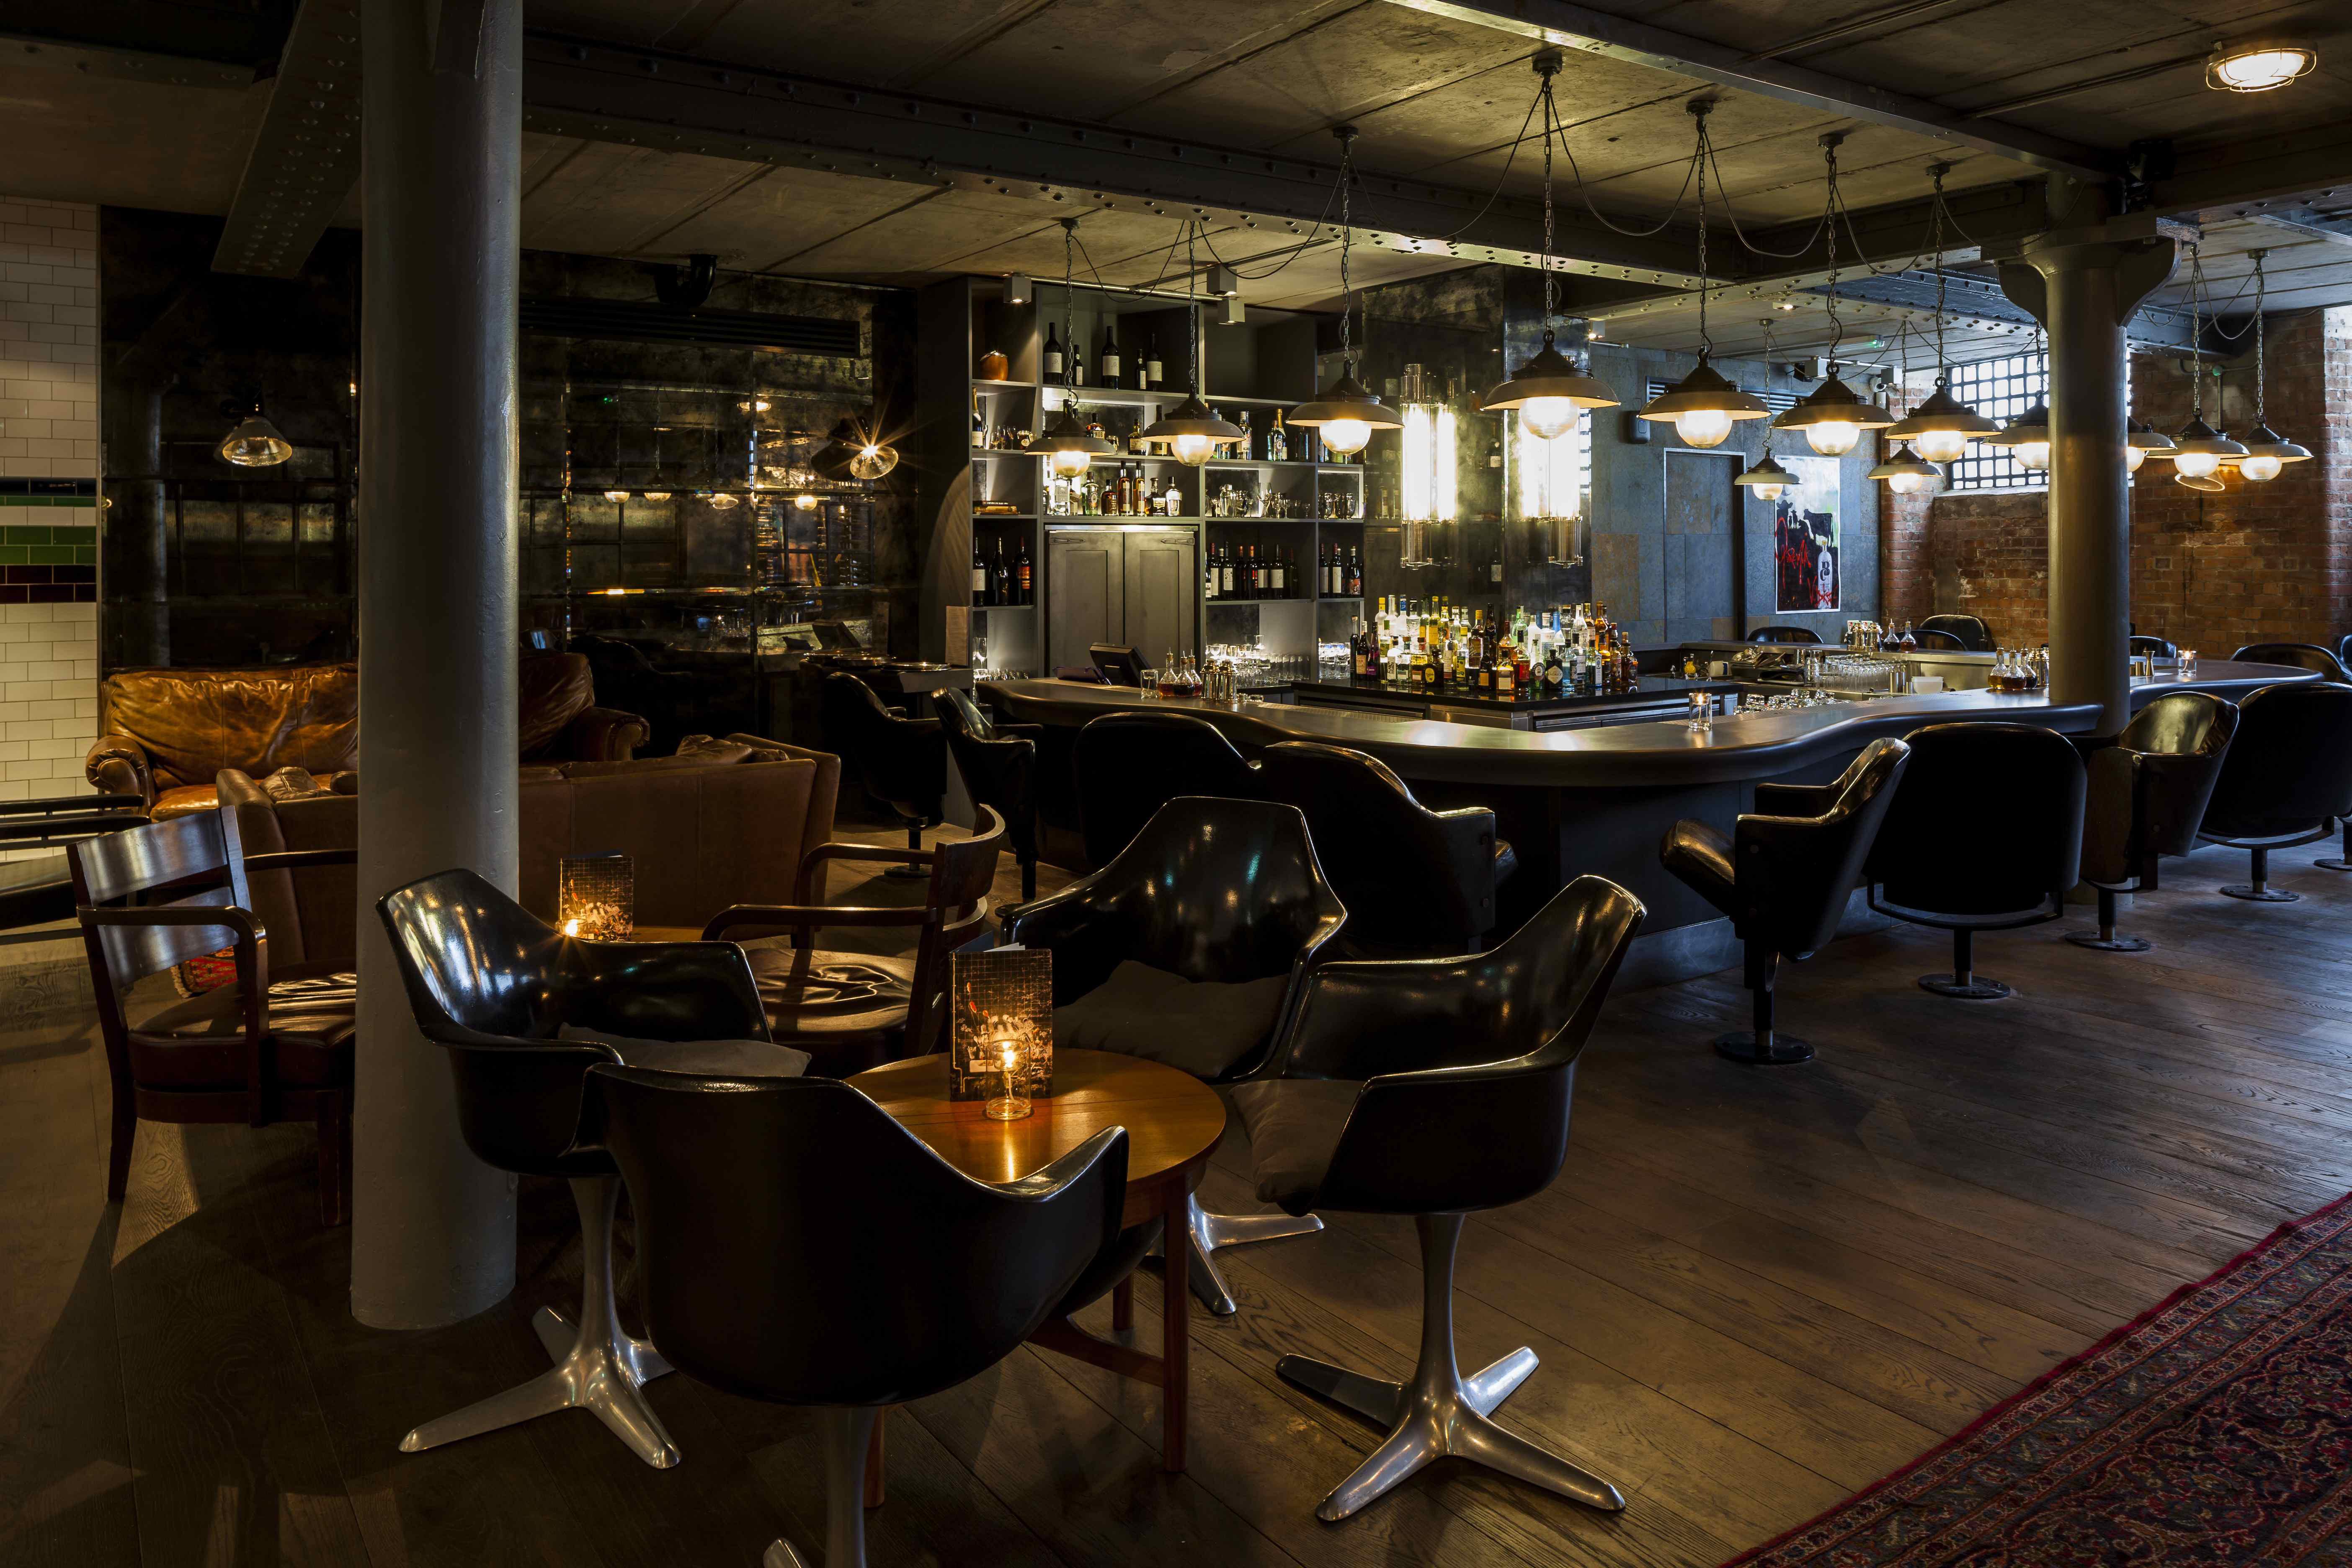 Good Restaurants For Birthday Dinners  Best restaurants for birthday dinners in London Best